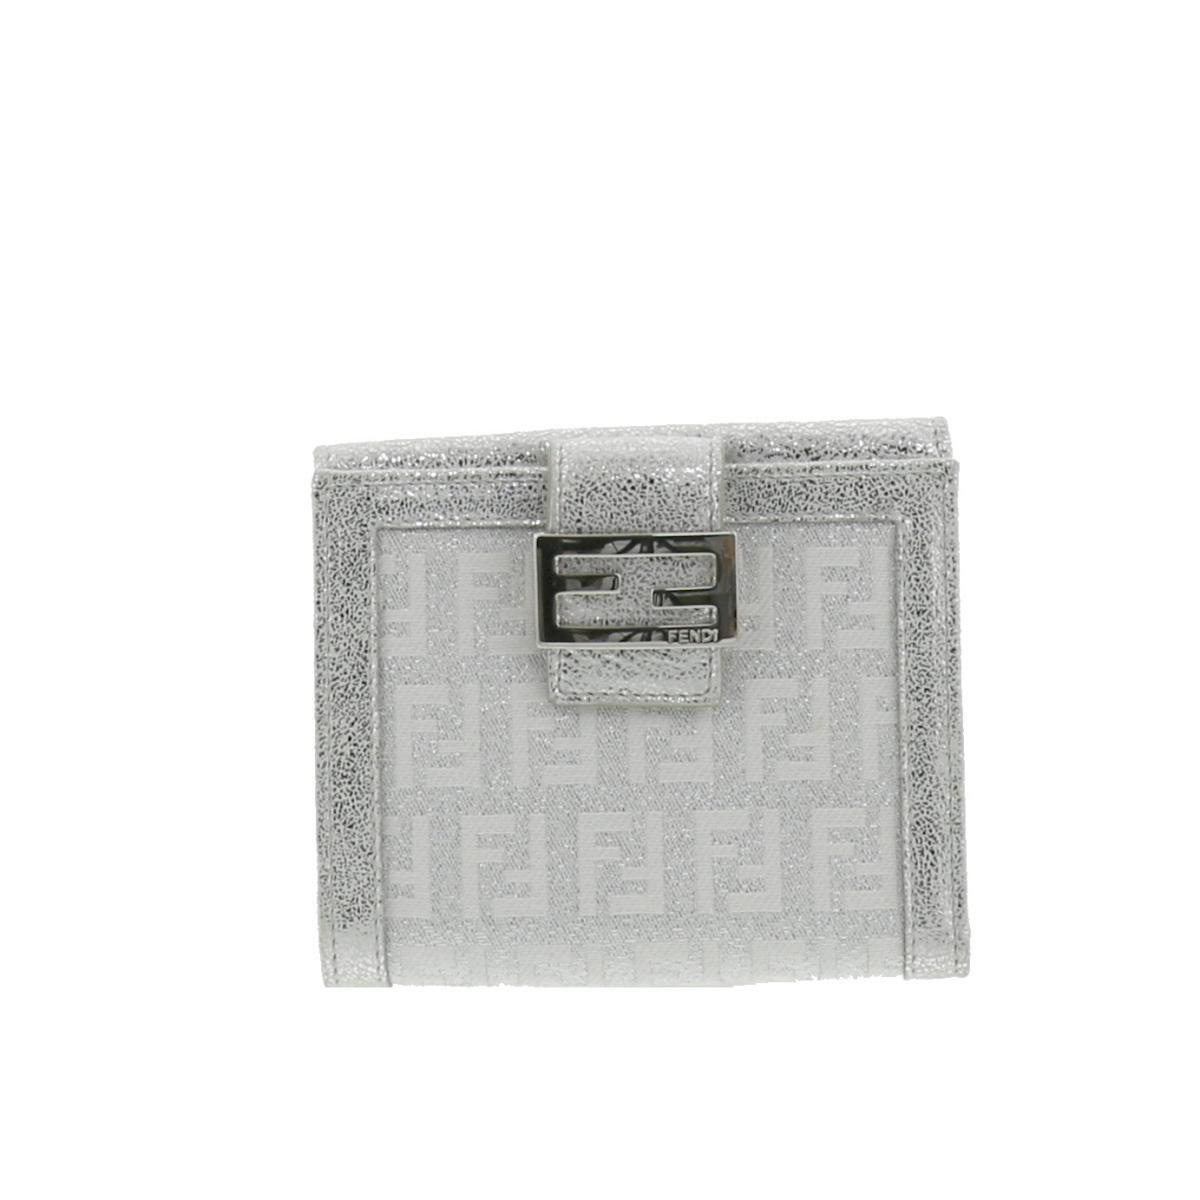 【中古】FENDI (フェンディ) 二つ折り財布 財布 二つ折り財布(小銭入有) Wallet Silver FREE used:B